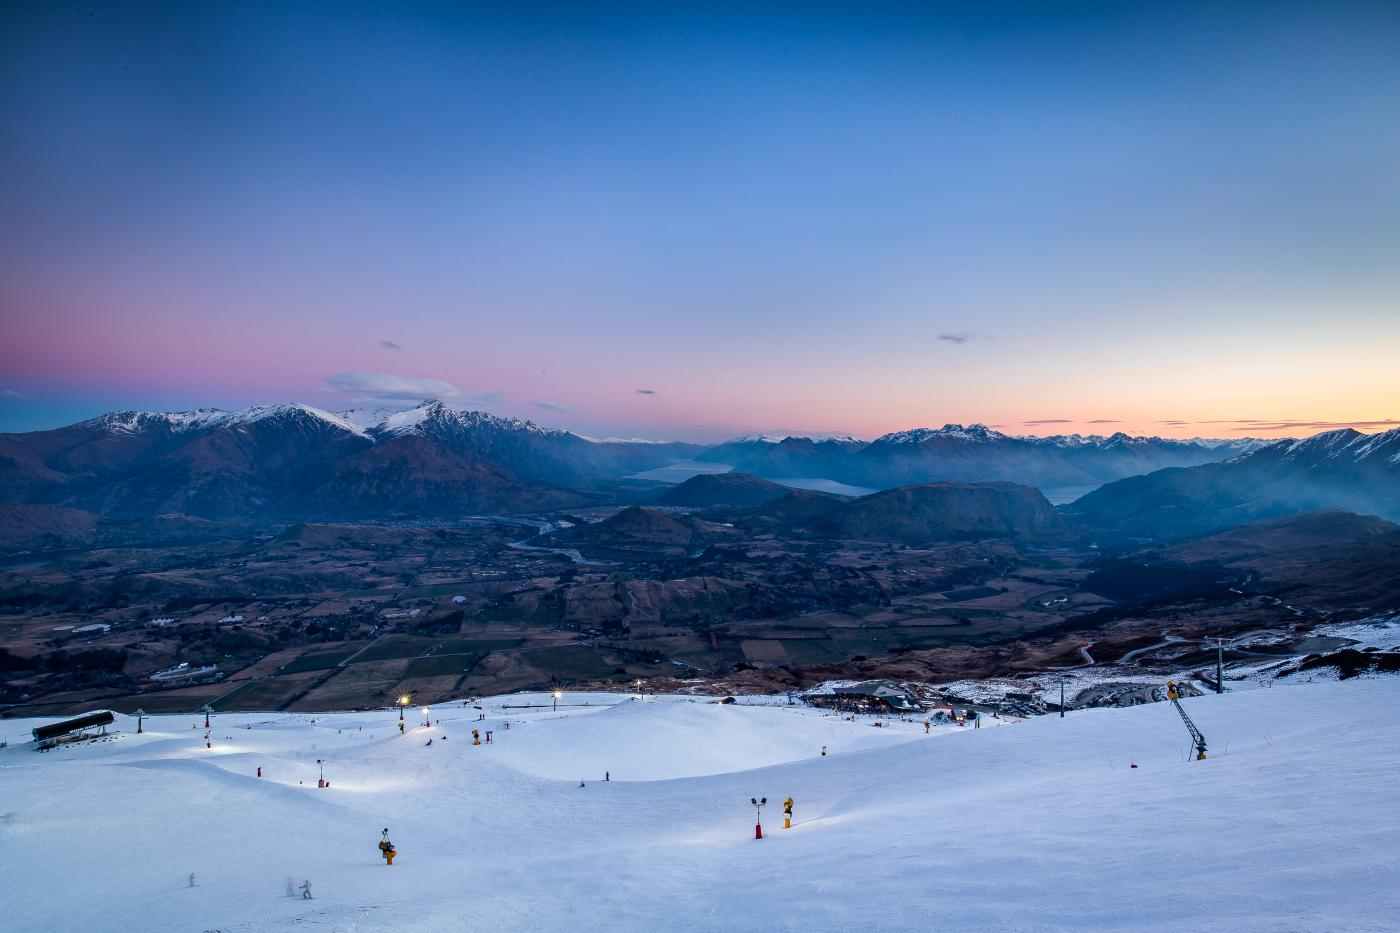 Coronet Peak Night Ski